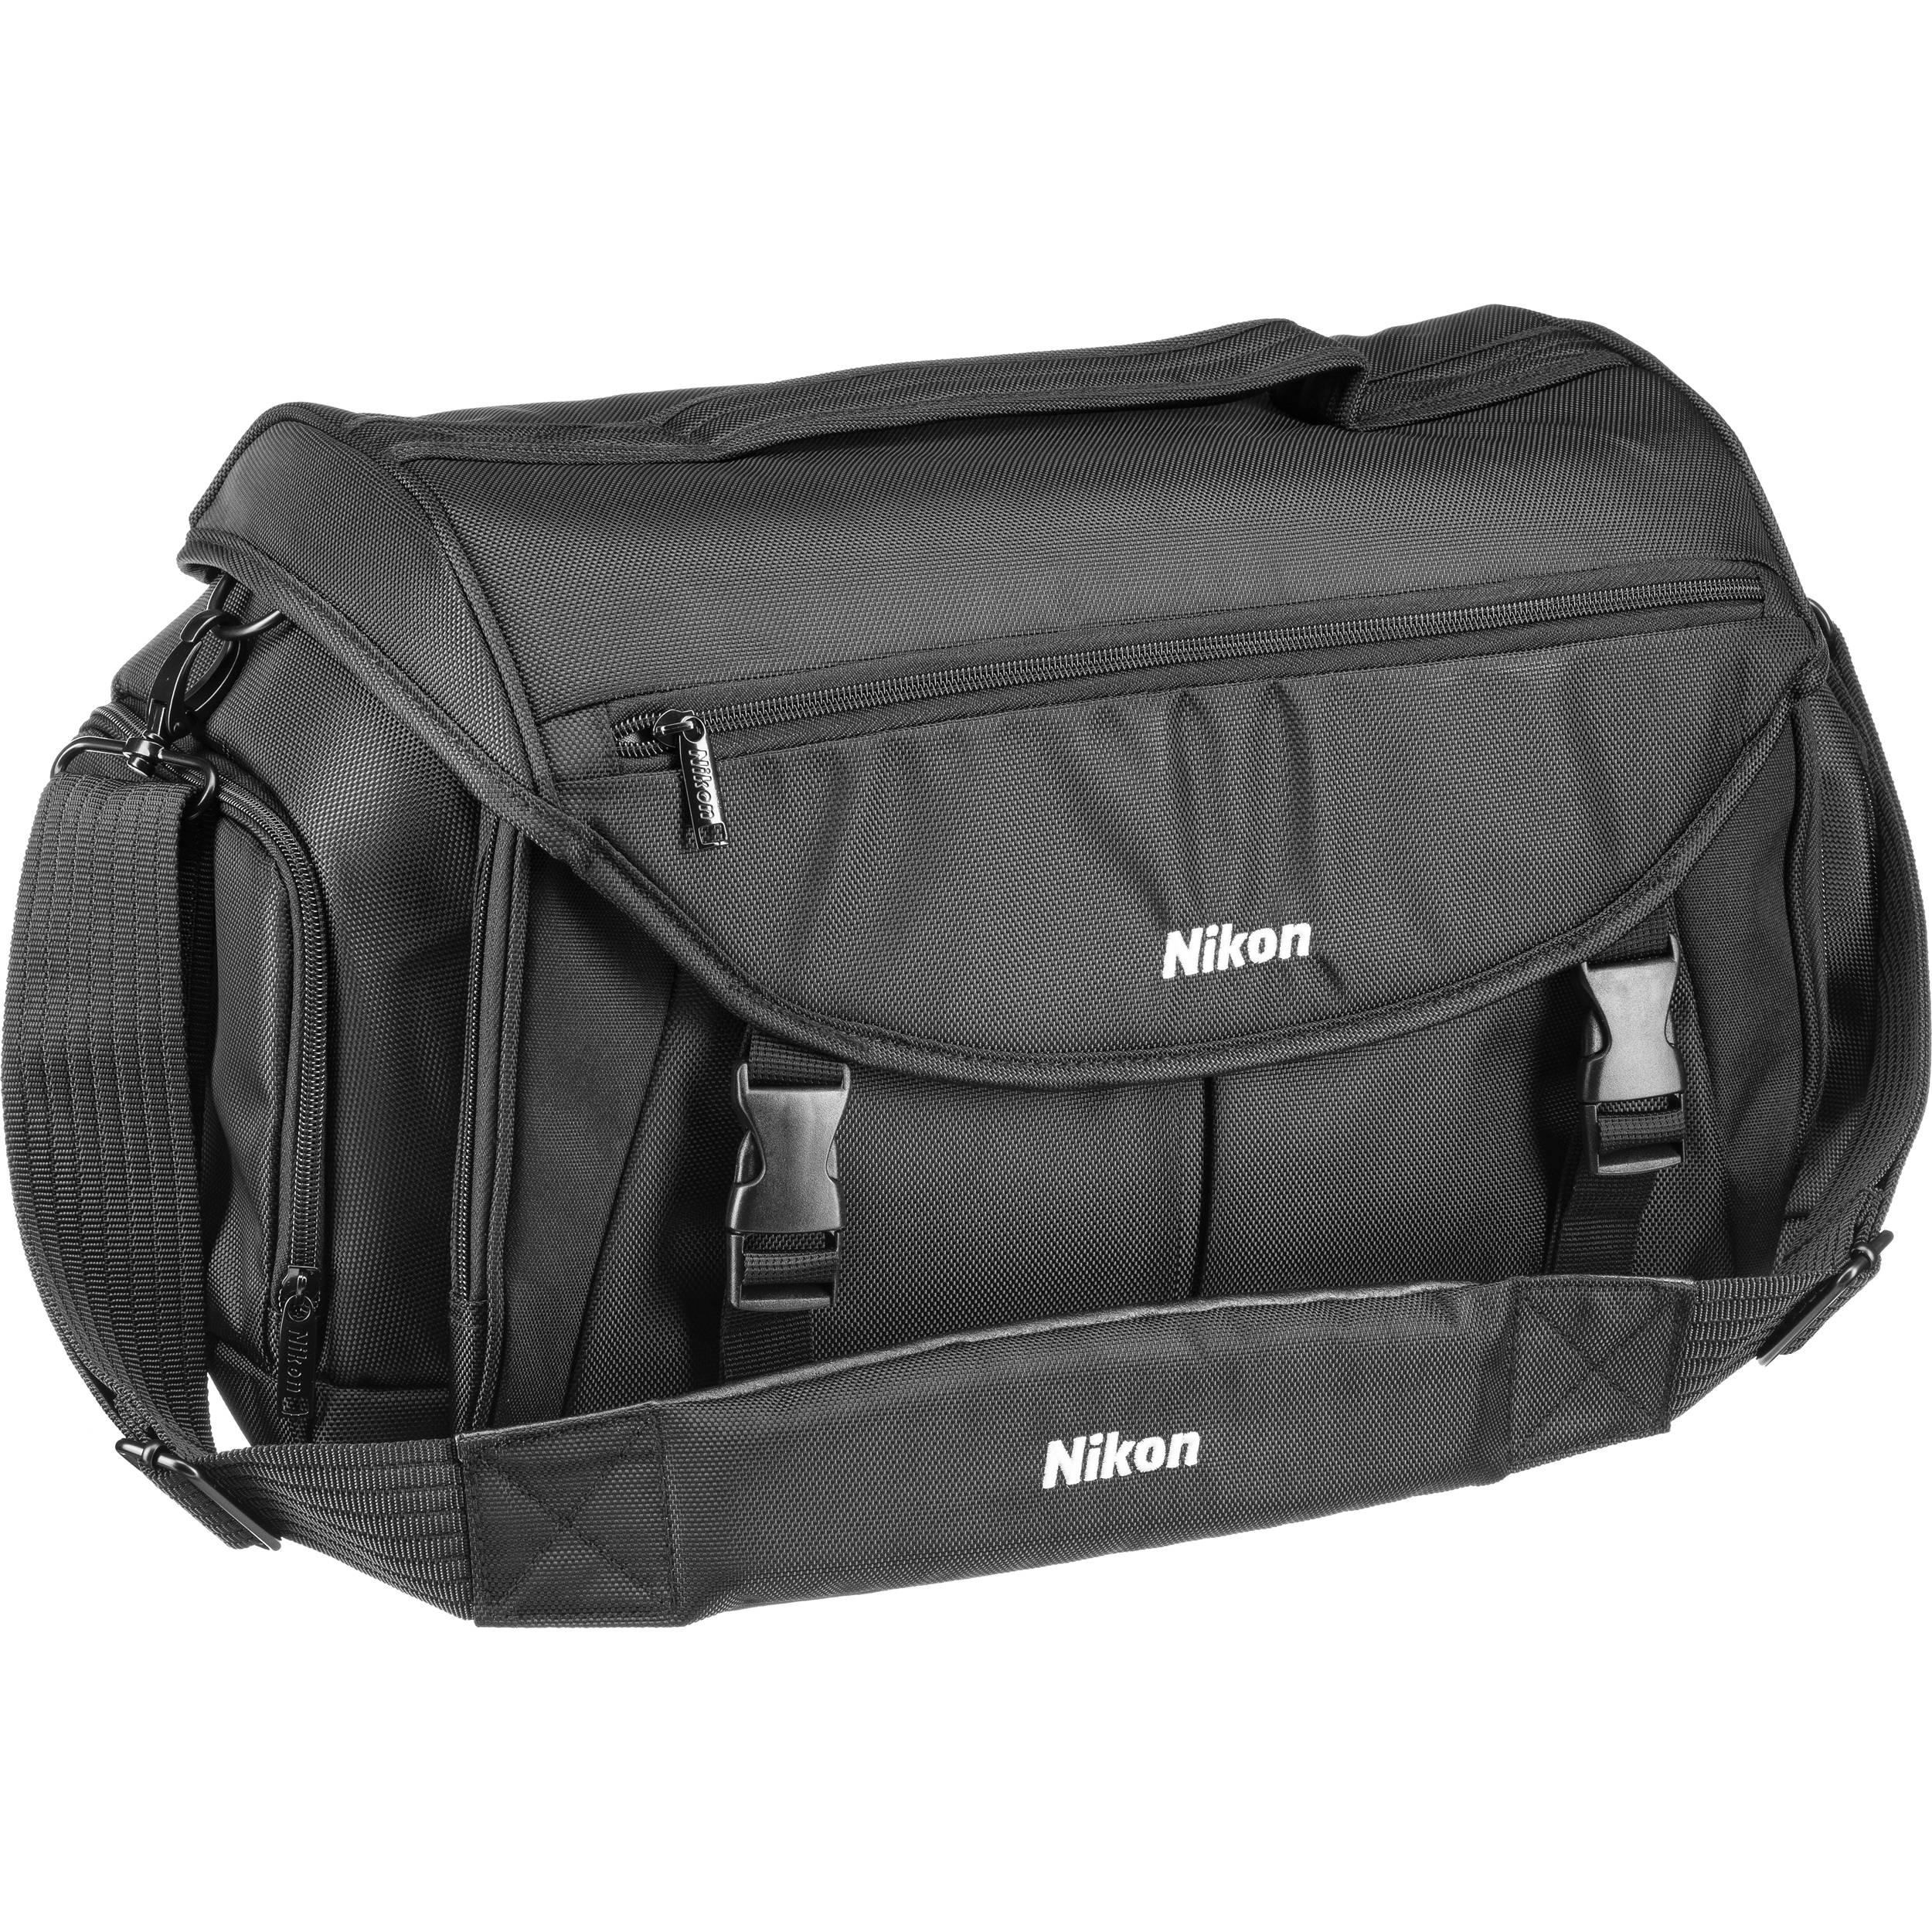 Nikon Large Pro Camera Bag Black 17008 B H Photo Video